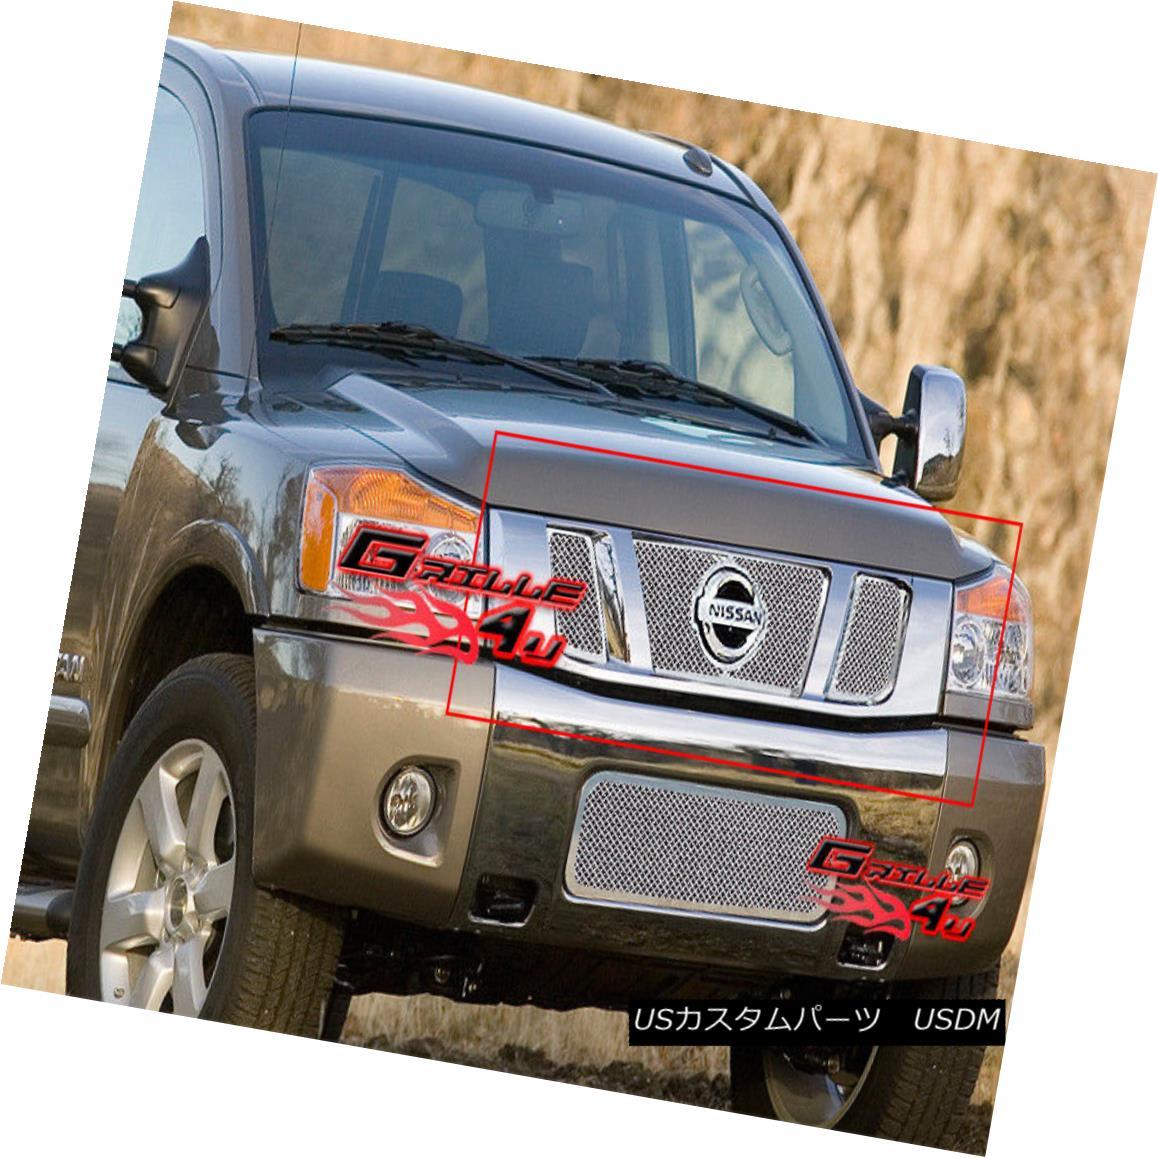 グリル For 08-11 2011 Nissan Titan Stainless Steel Mesh Grille 2011年8月11日日産タイタンステンレスメッシュグリル